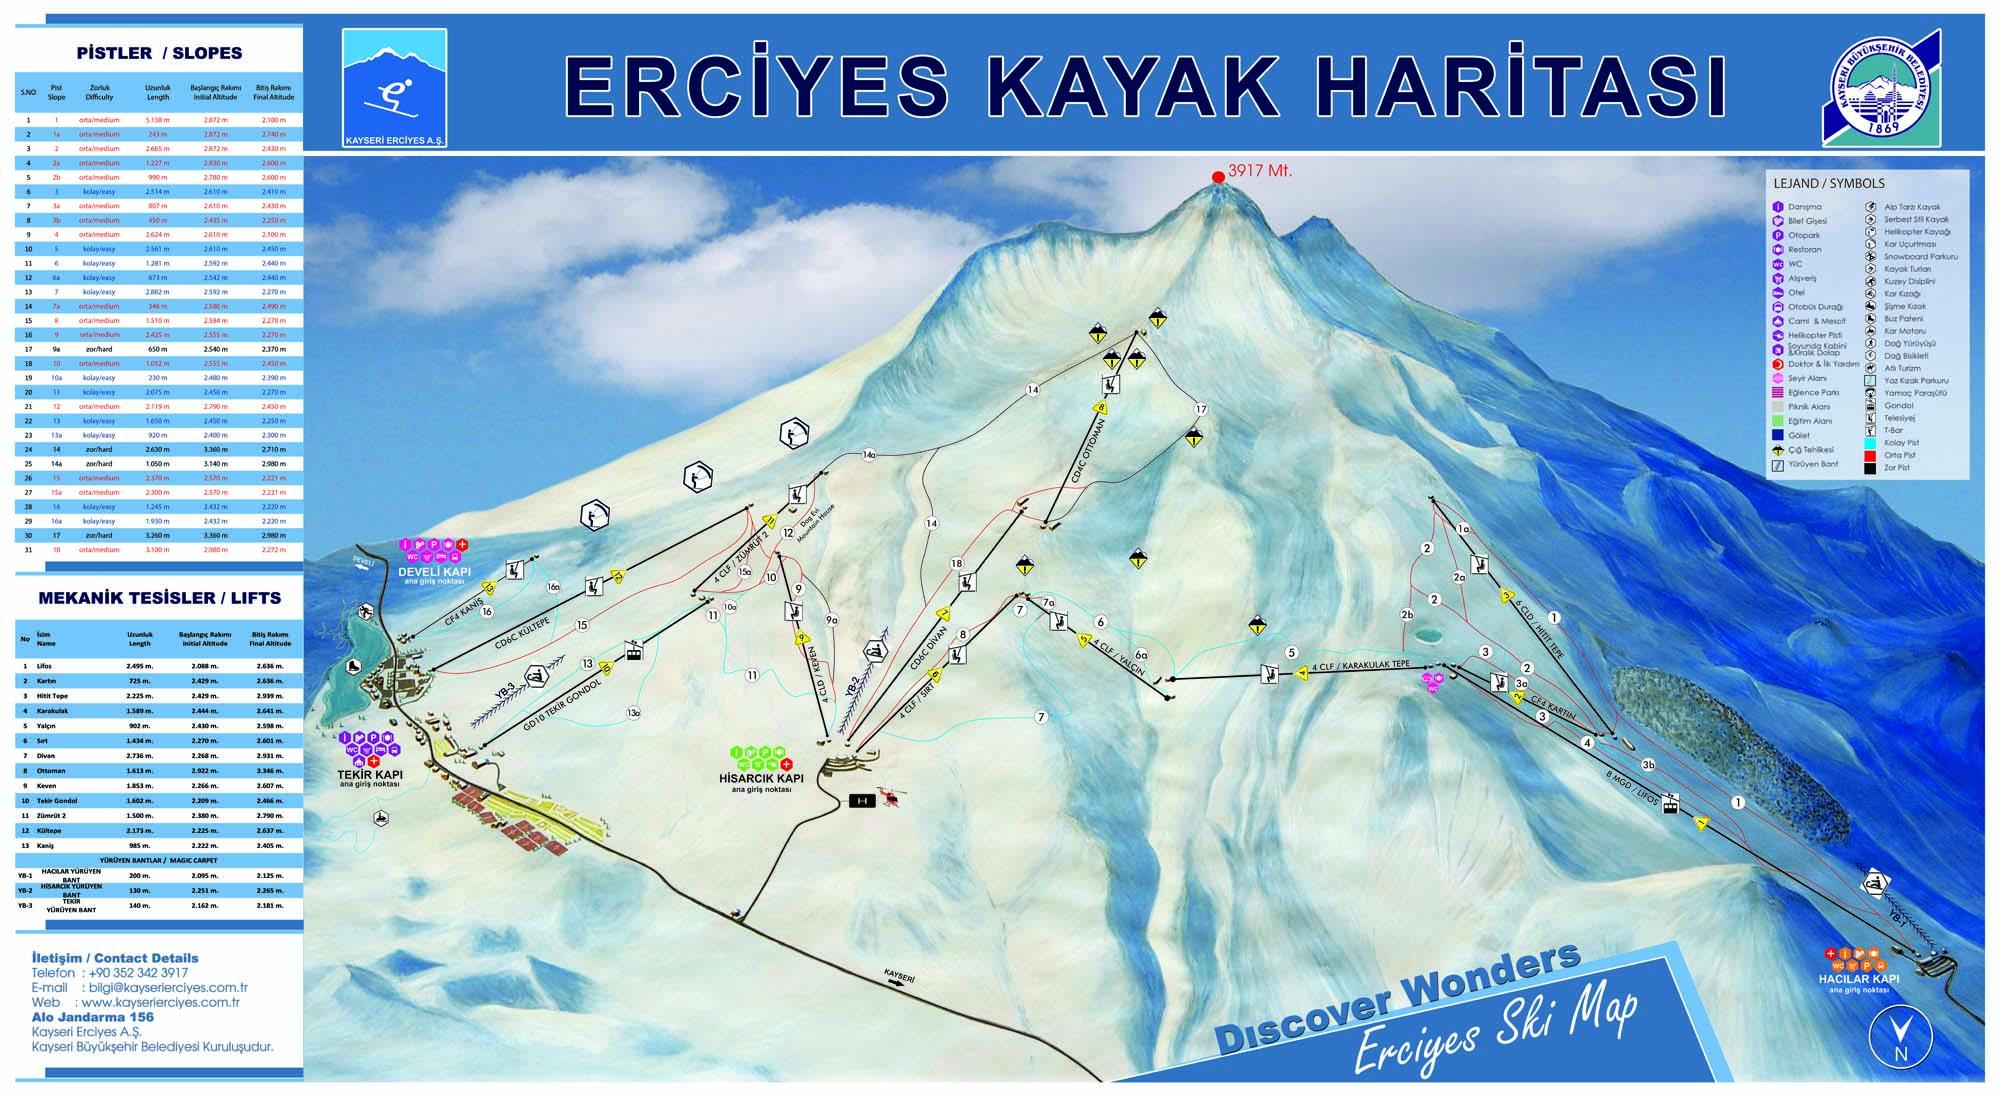 Схема трасс курорта Эрджиес, Турция